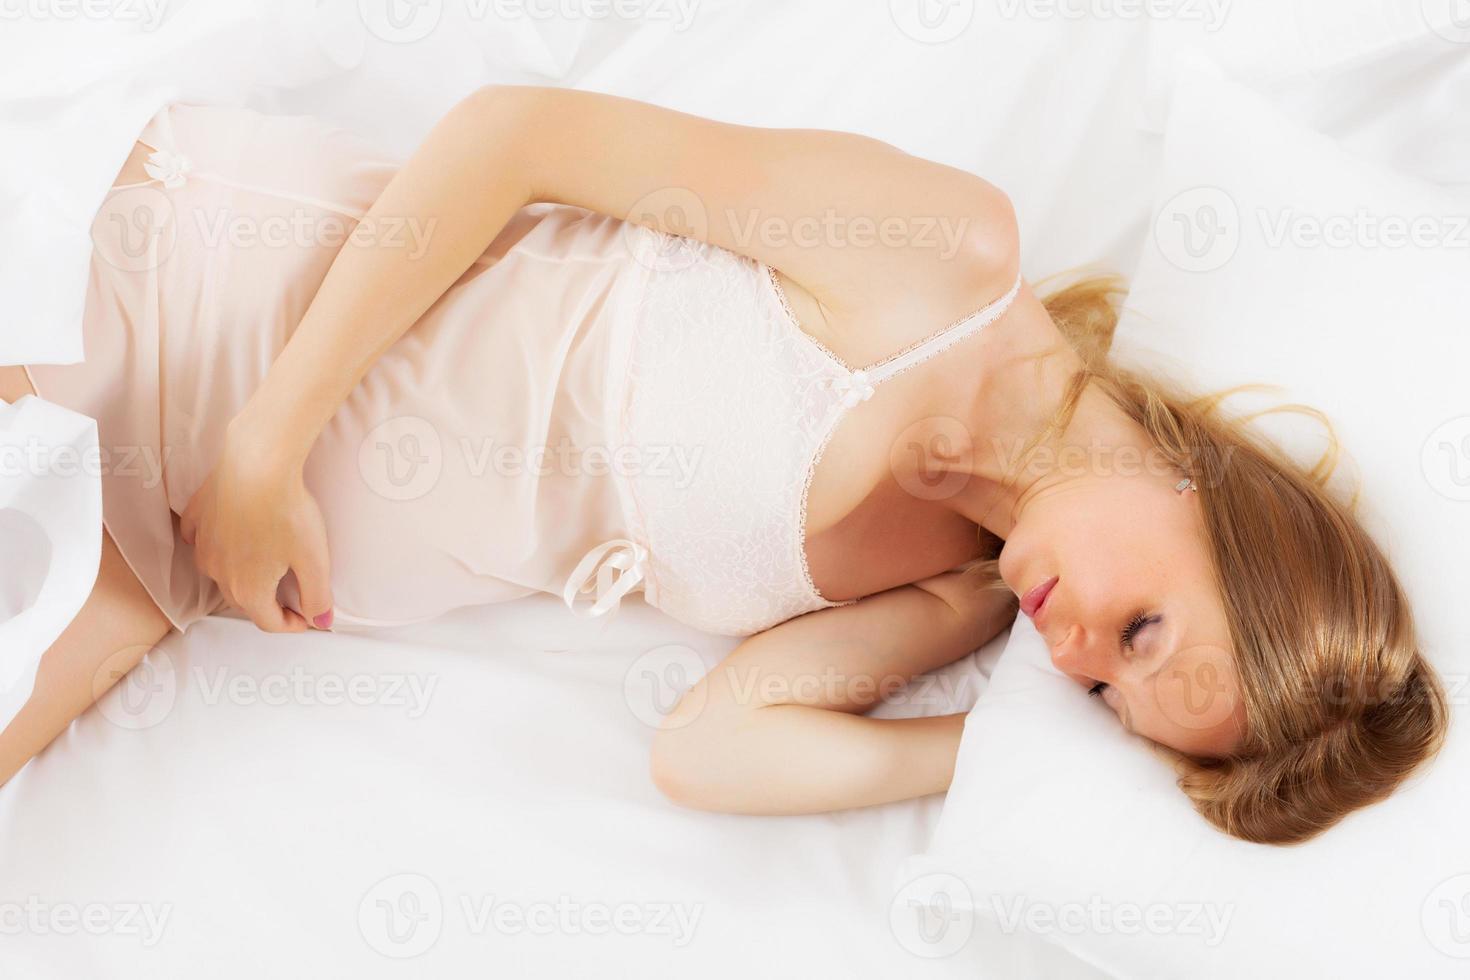 schwangere Frau, die auf weißem Laken schläft foto